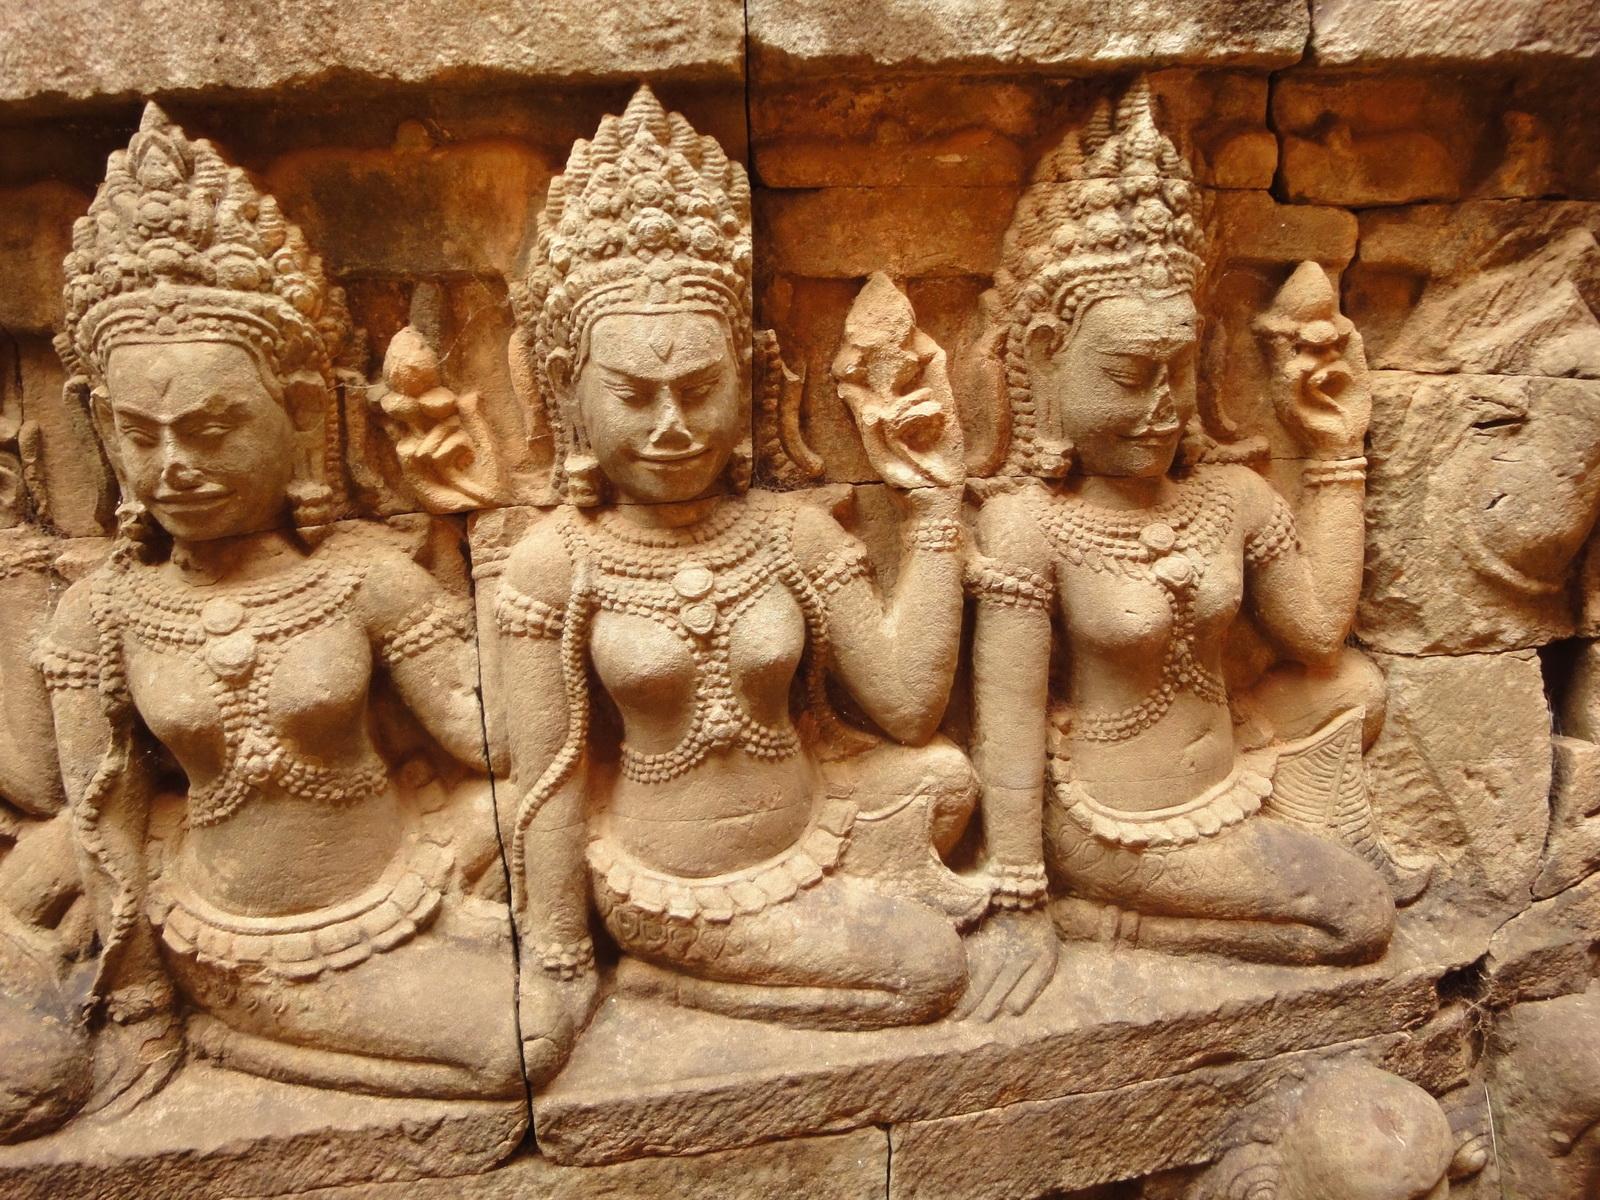 Leper King Terrace hidden wall underworld Nagas and deities 068